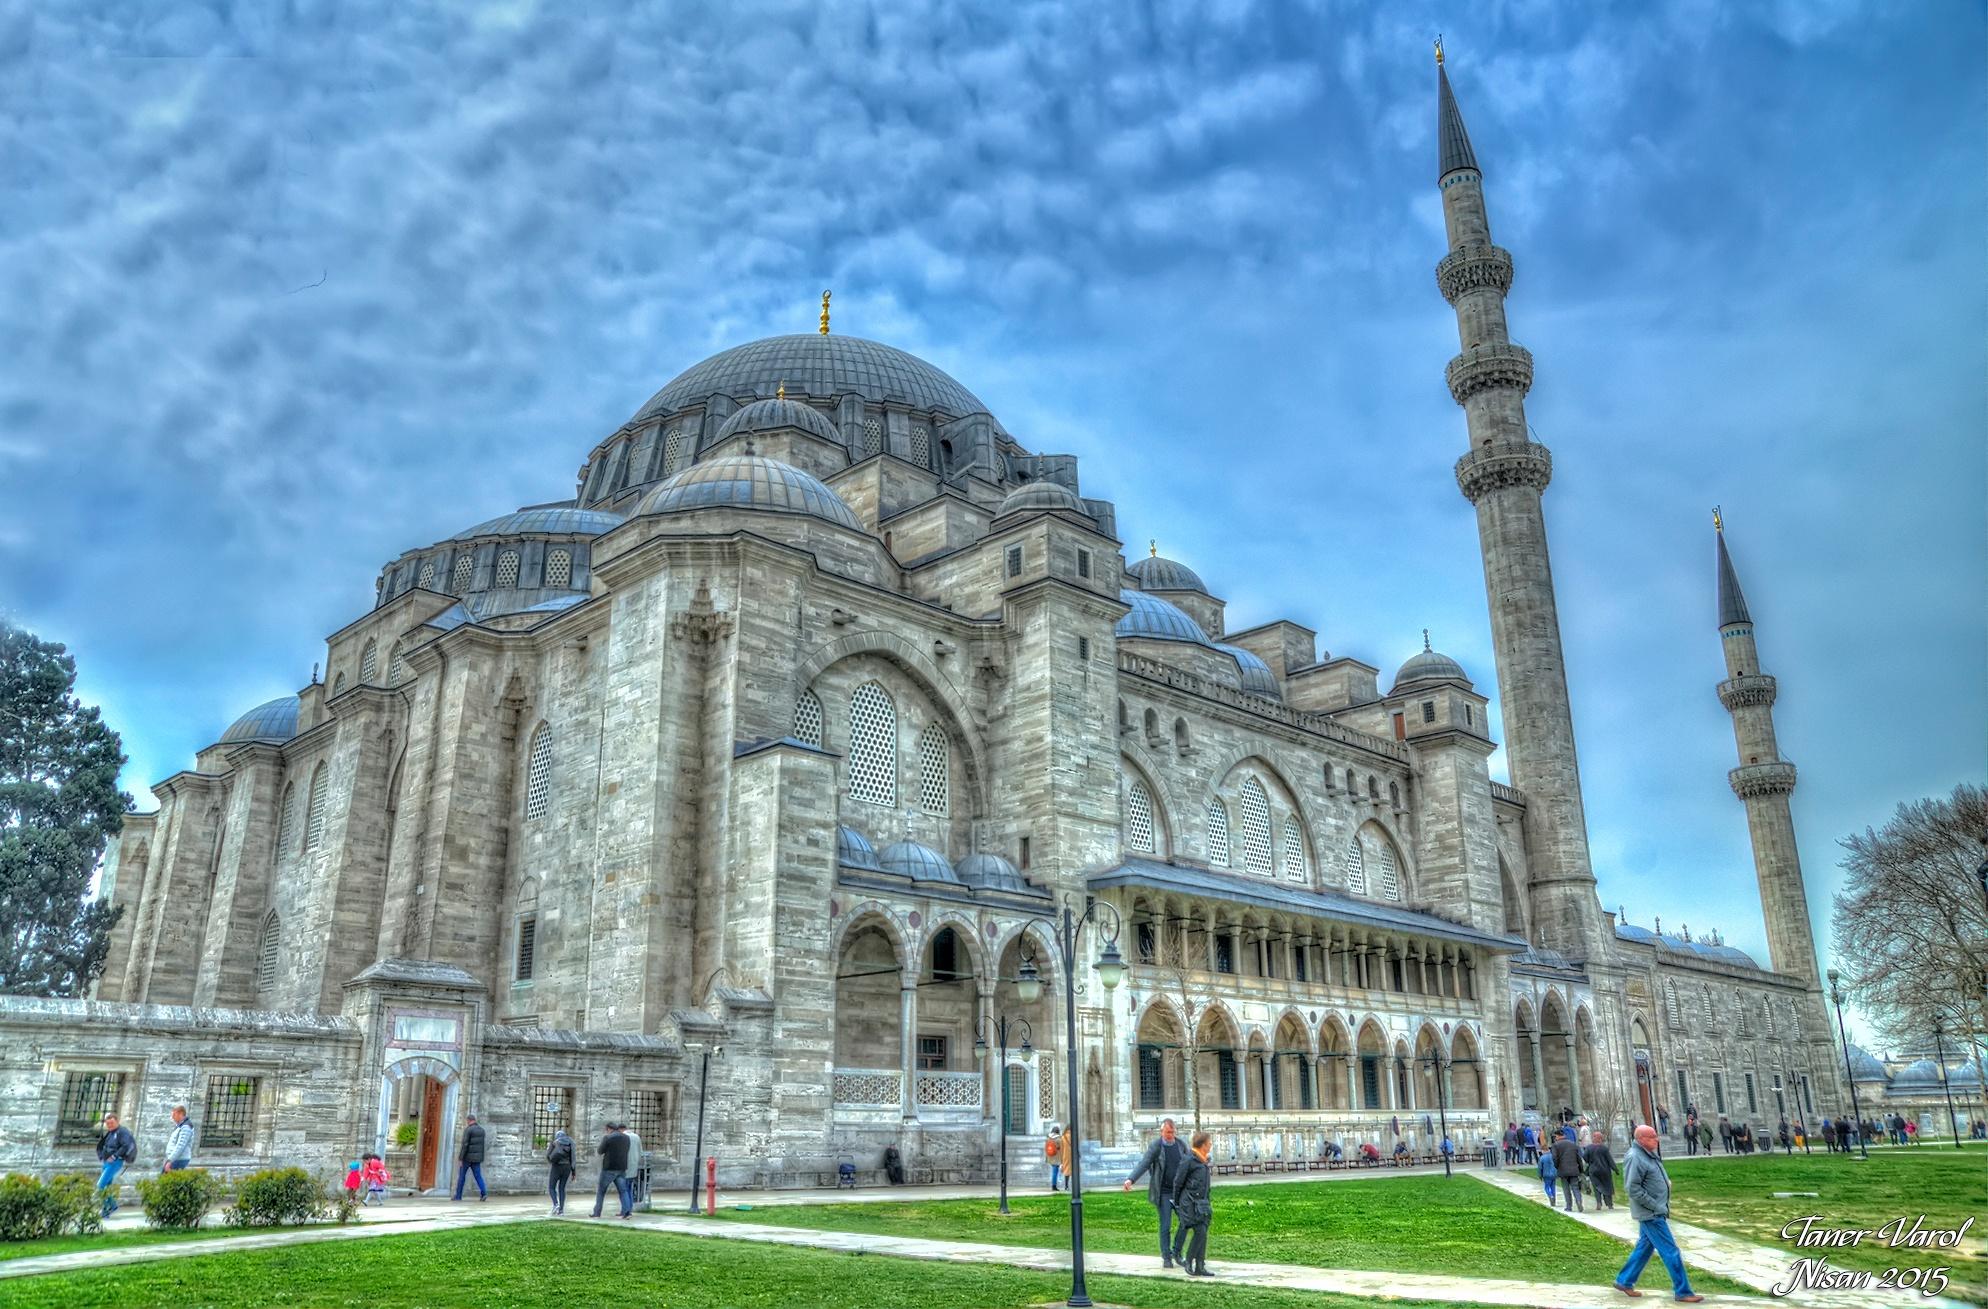 Süleymaniye Câmi by Taner VAROL